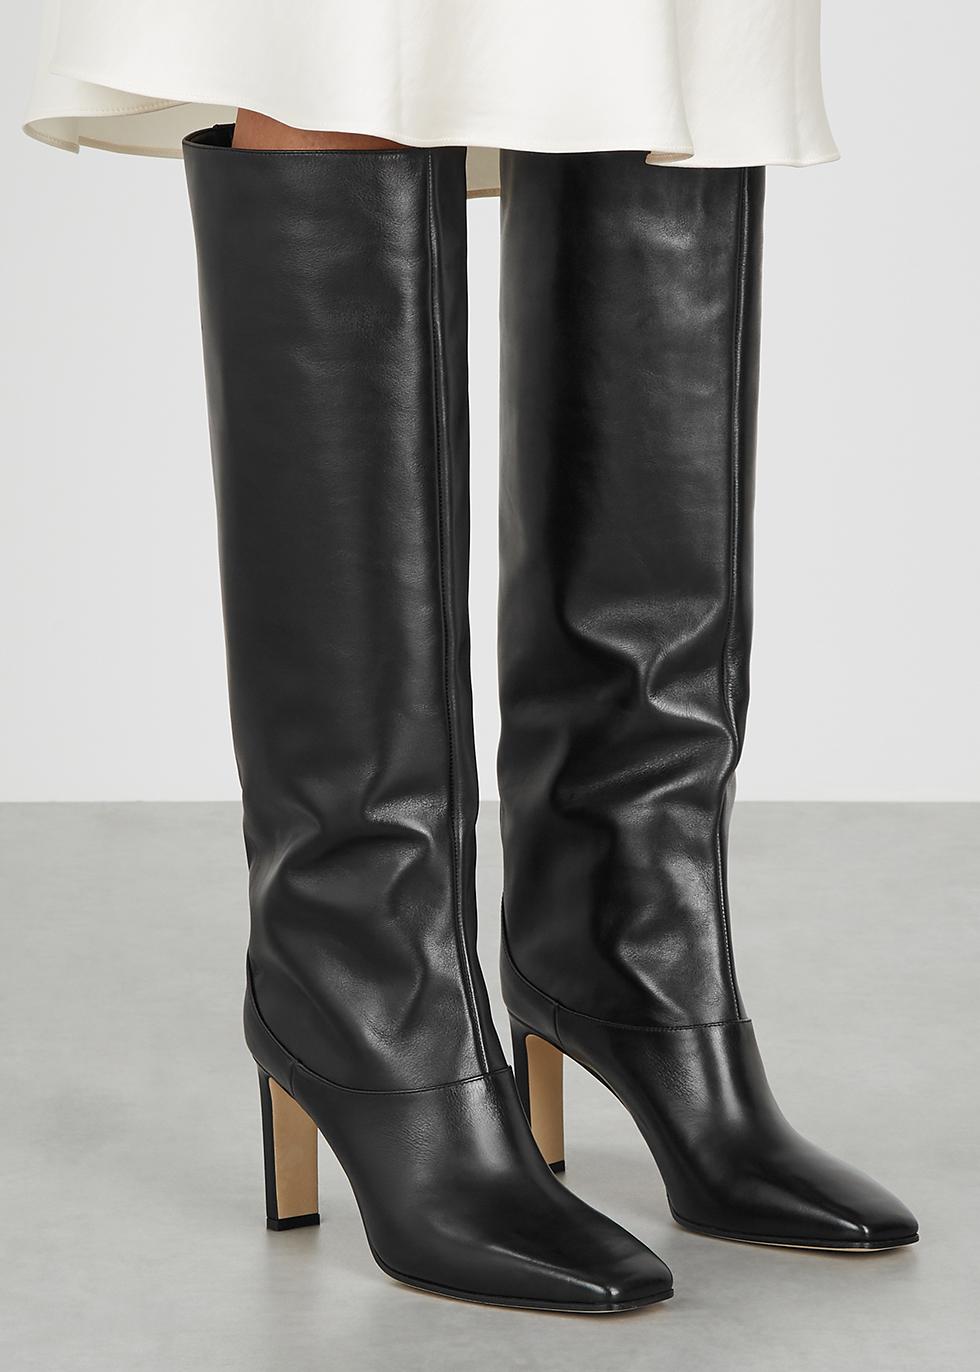 Jimmy Choo Mahesa 85 black leather knee